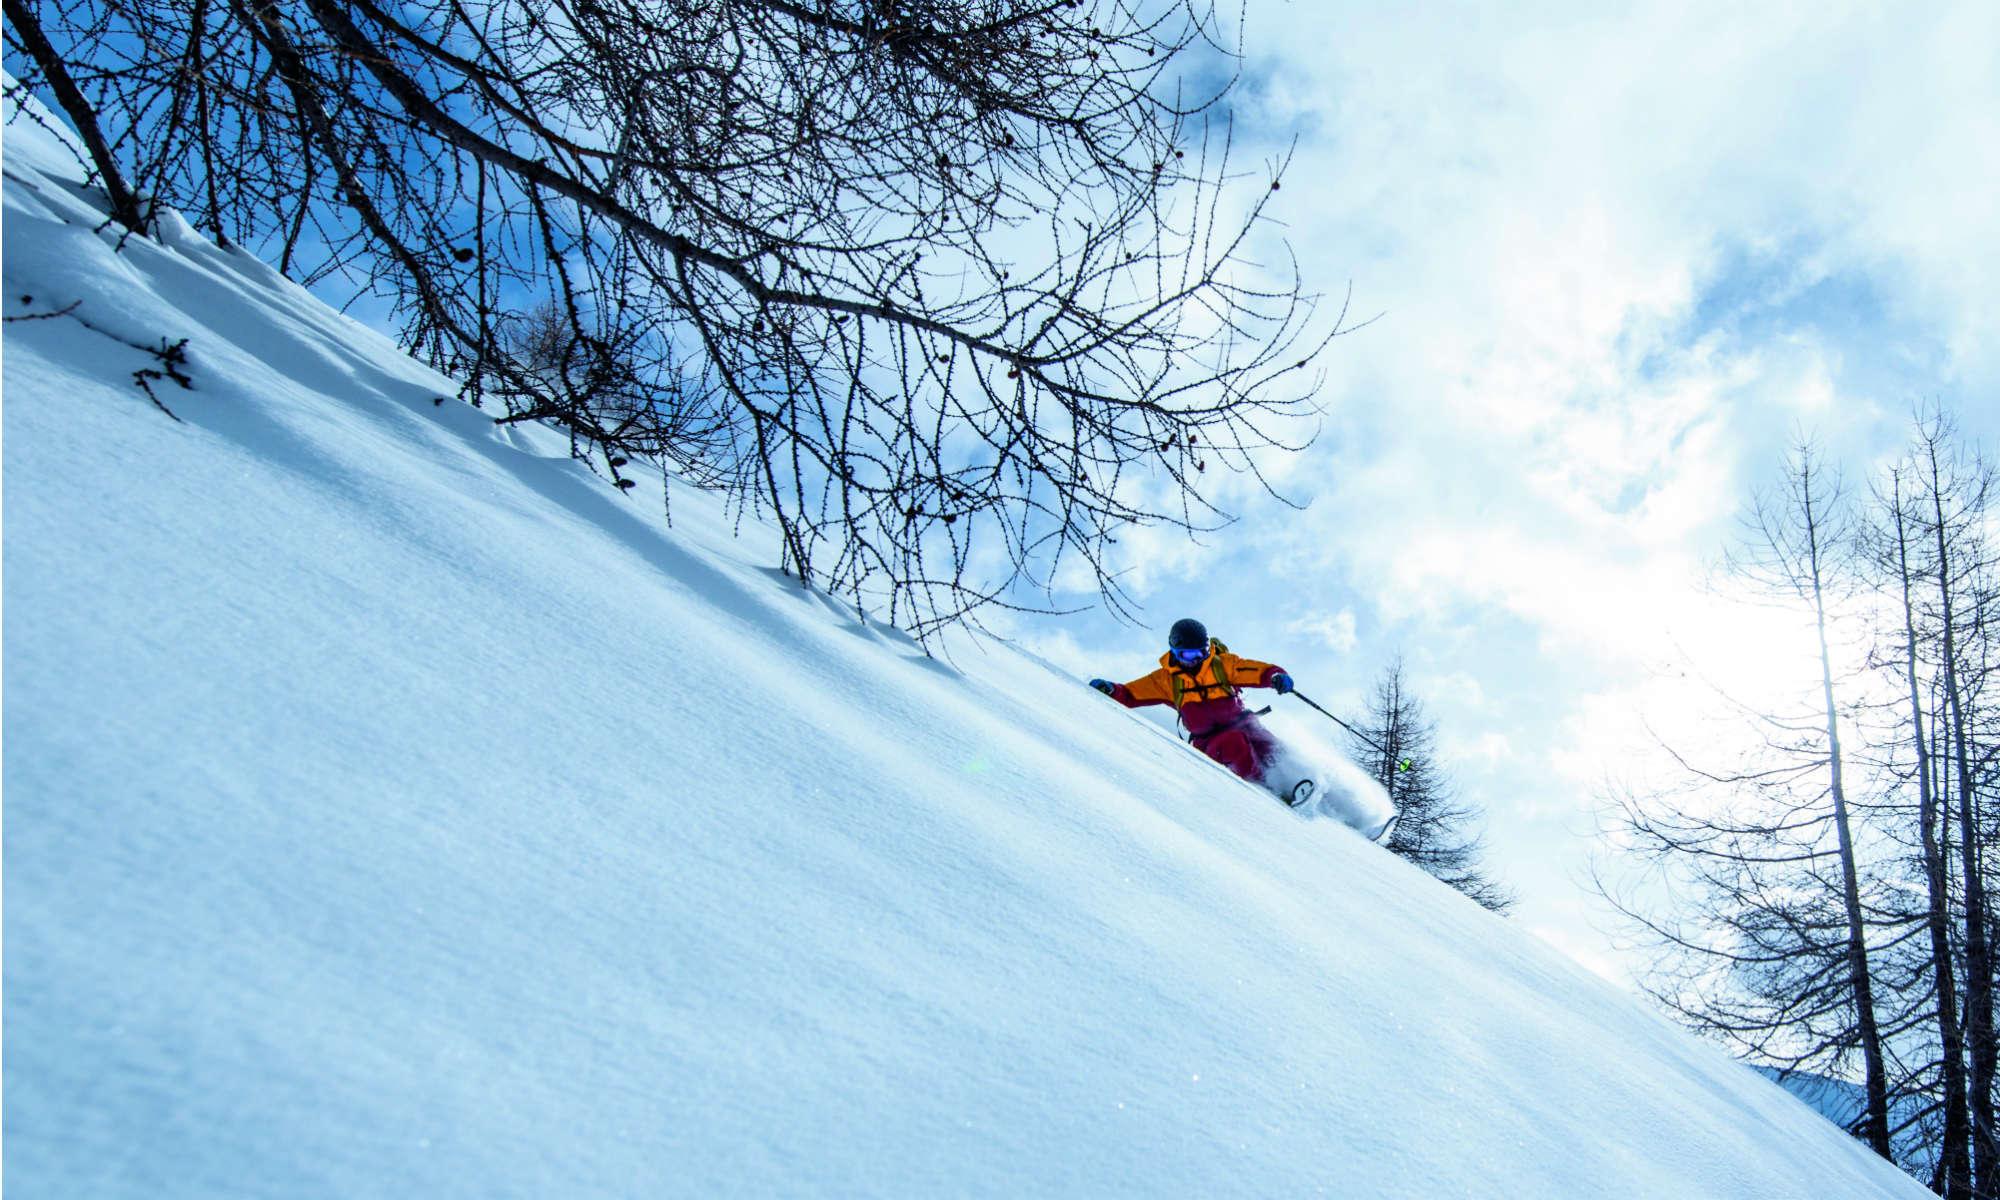 Freerider beim Tiefschneefahren auf einer Waldlichtung im Skigebiet Davos Klosters.